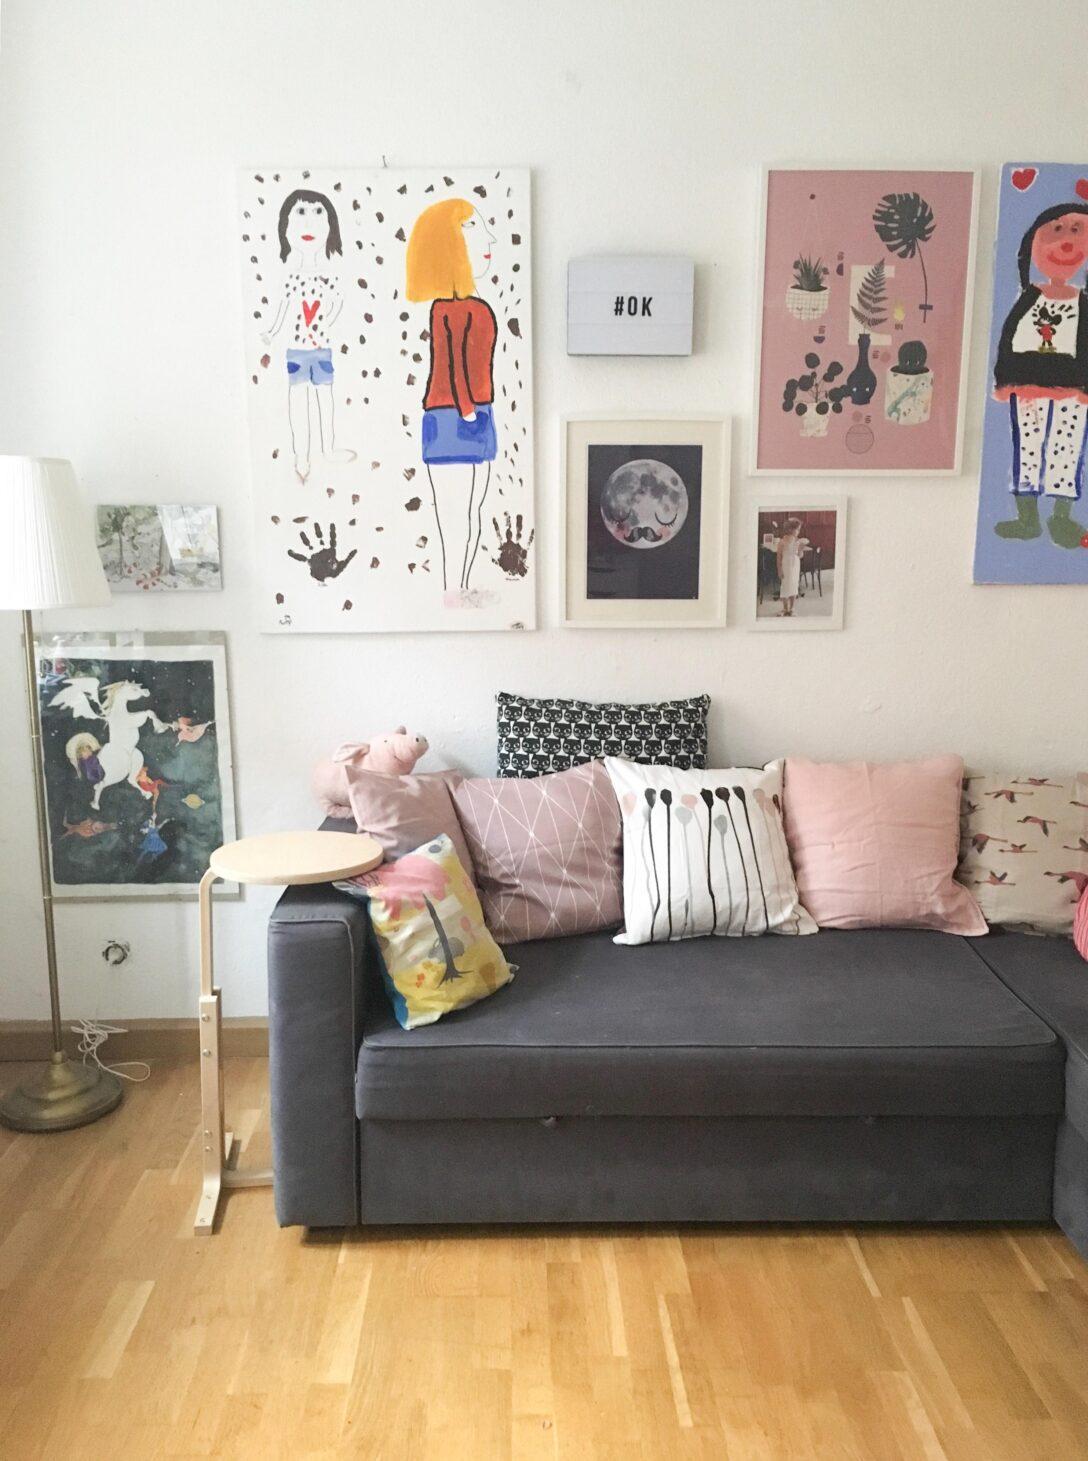 Large Size of Jugendzimmer Ikea Ideen So Wird Das Kinderzimmer Verwandelt Miniküche Küche Kosten Kaufen Bett Sofa Mit Schlaffunktion Betten Bei 160x200 Modulküche Wohnzimmer Jugendzimmer Ikea